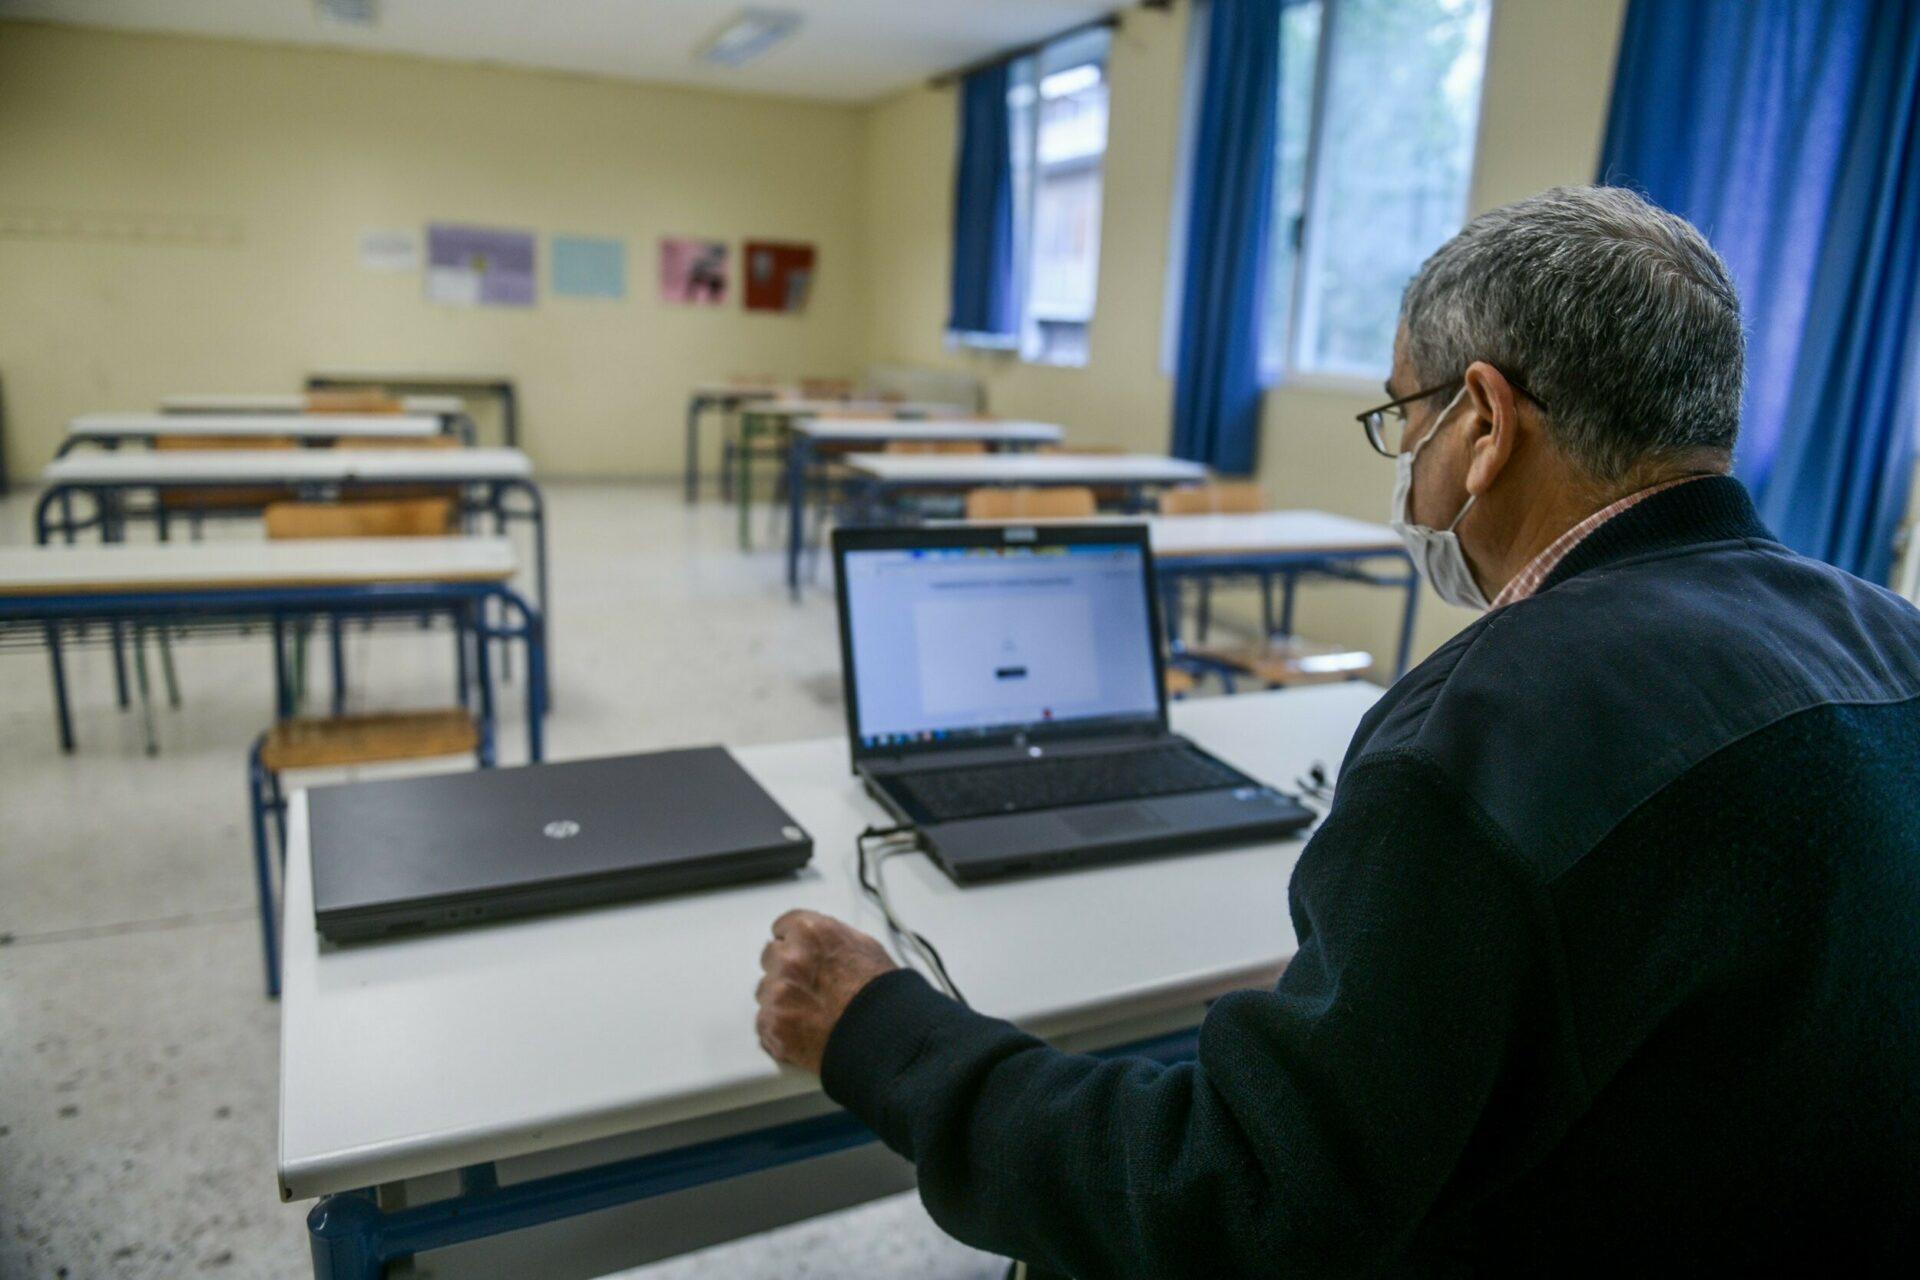 Δημοσκόπηση Viber: 79% των Ελλήνων επιθυμούν δια ζώσης εκπαίδευση